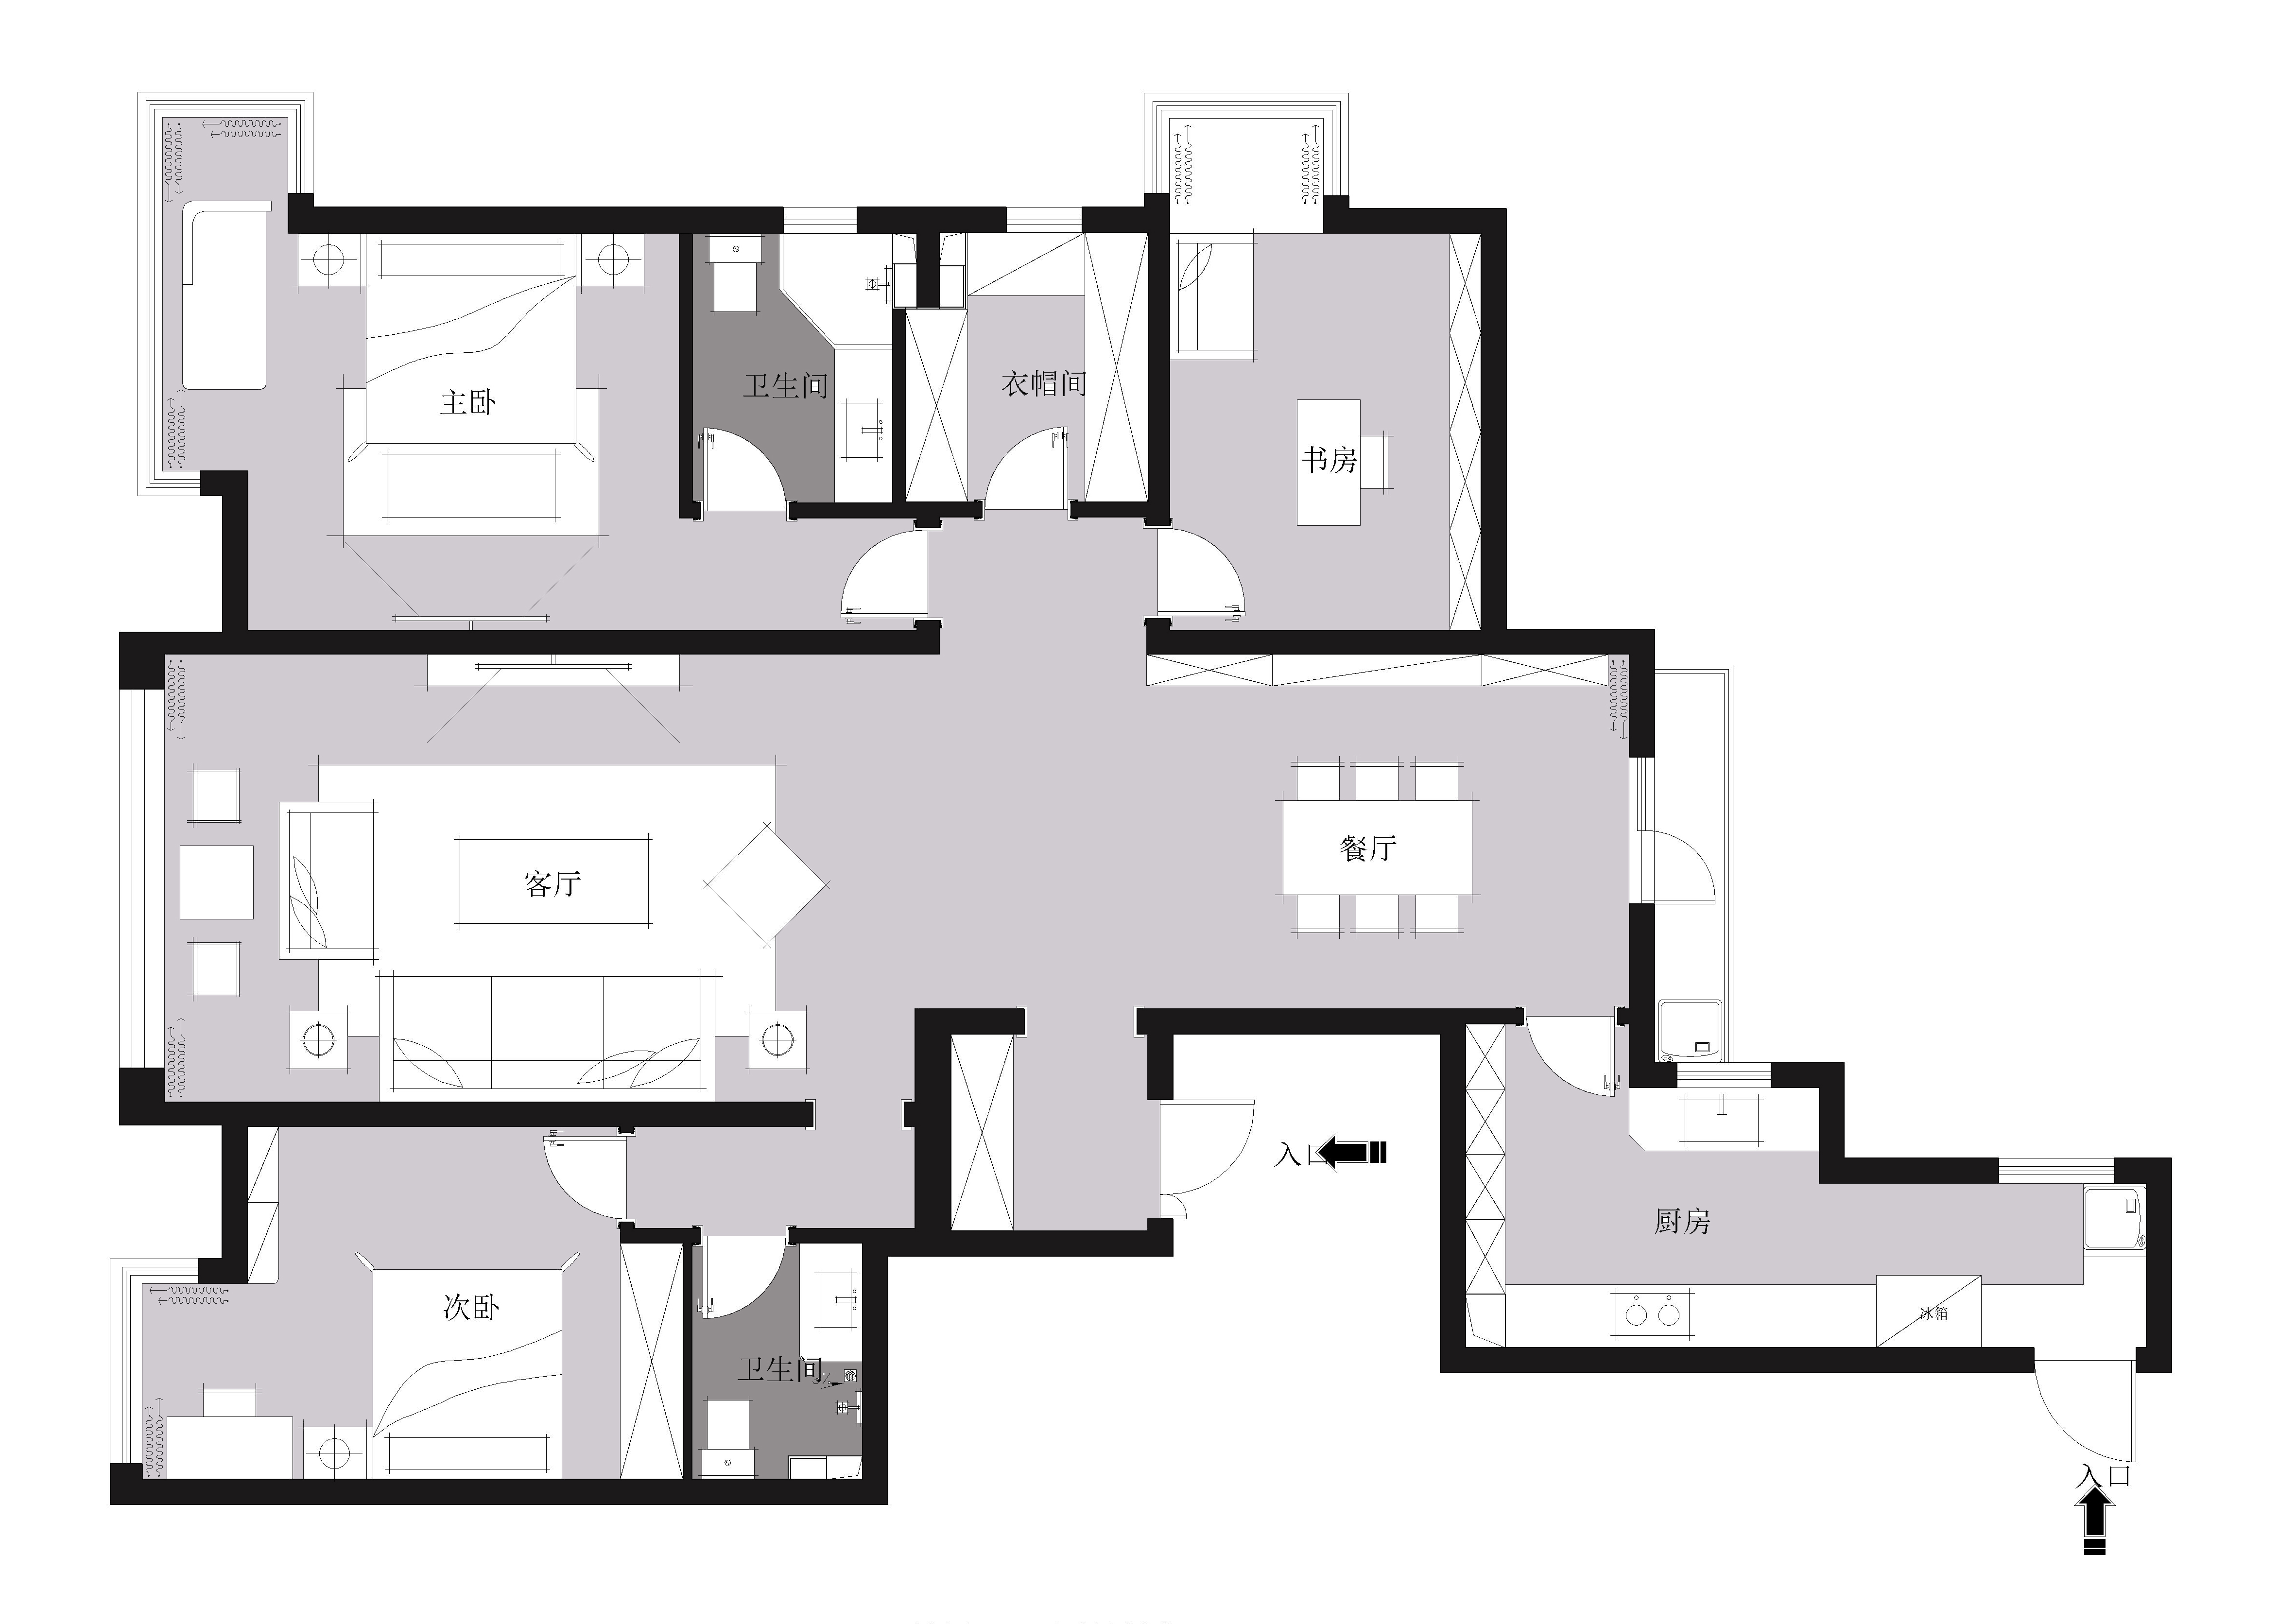 尚景新世界187平欧式风格效果图装修设计理念